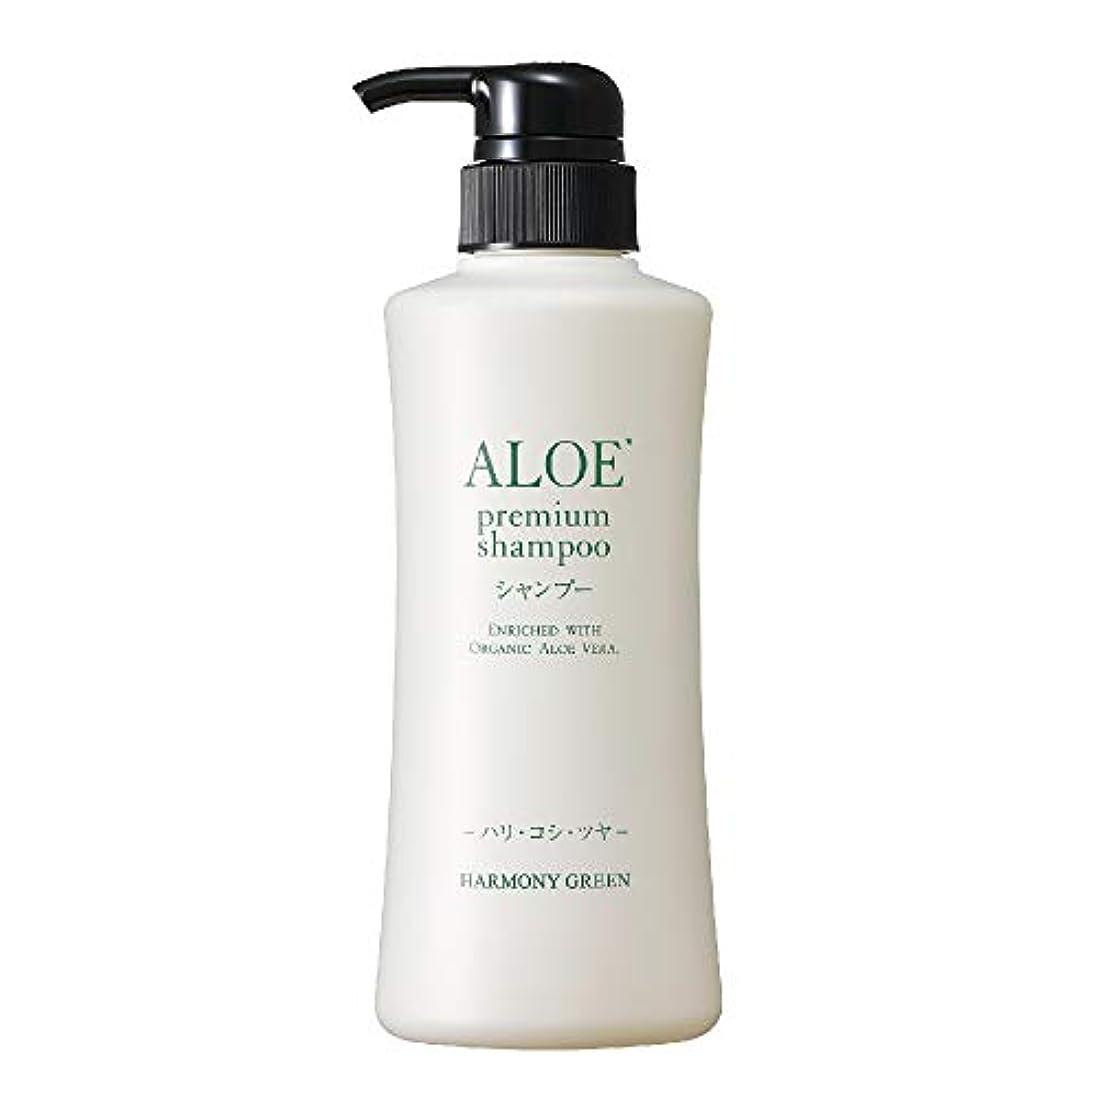 分ジョージエリオット彼女のアロエプレミアム シャンプー〈頭髪用洗浄料〉